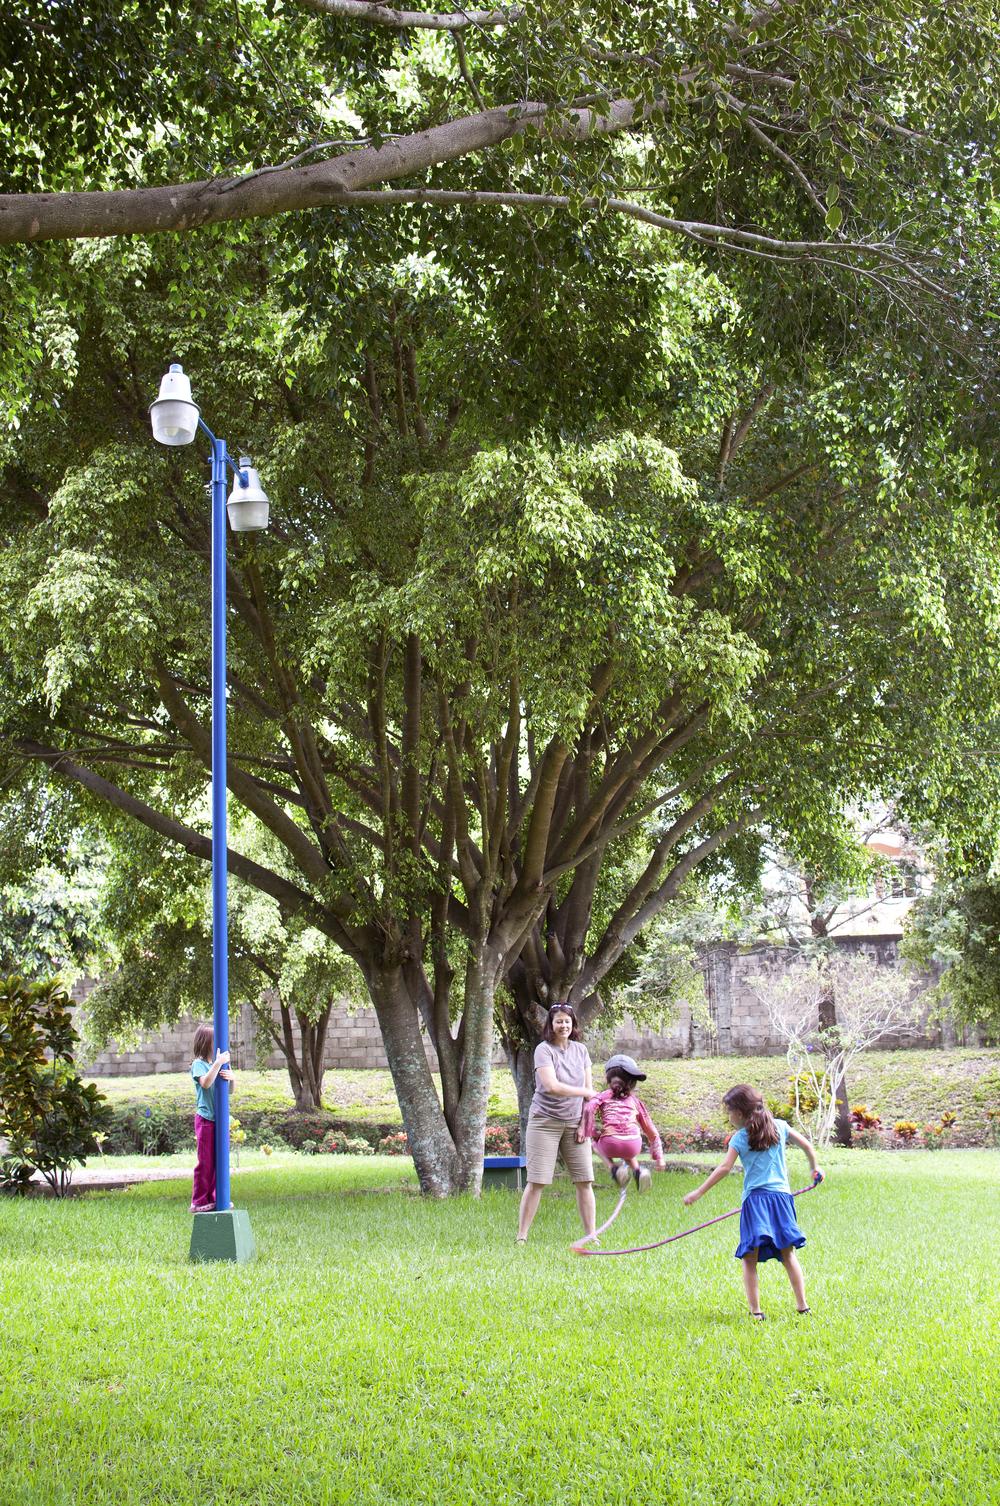 Jump ropin' like a joey (San Salvador, El Salvador; June 2015)